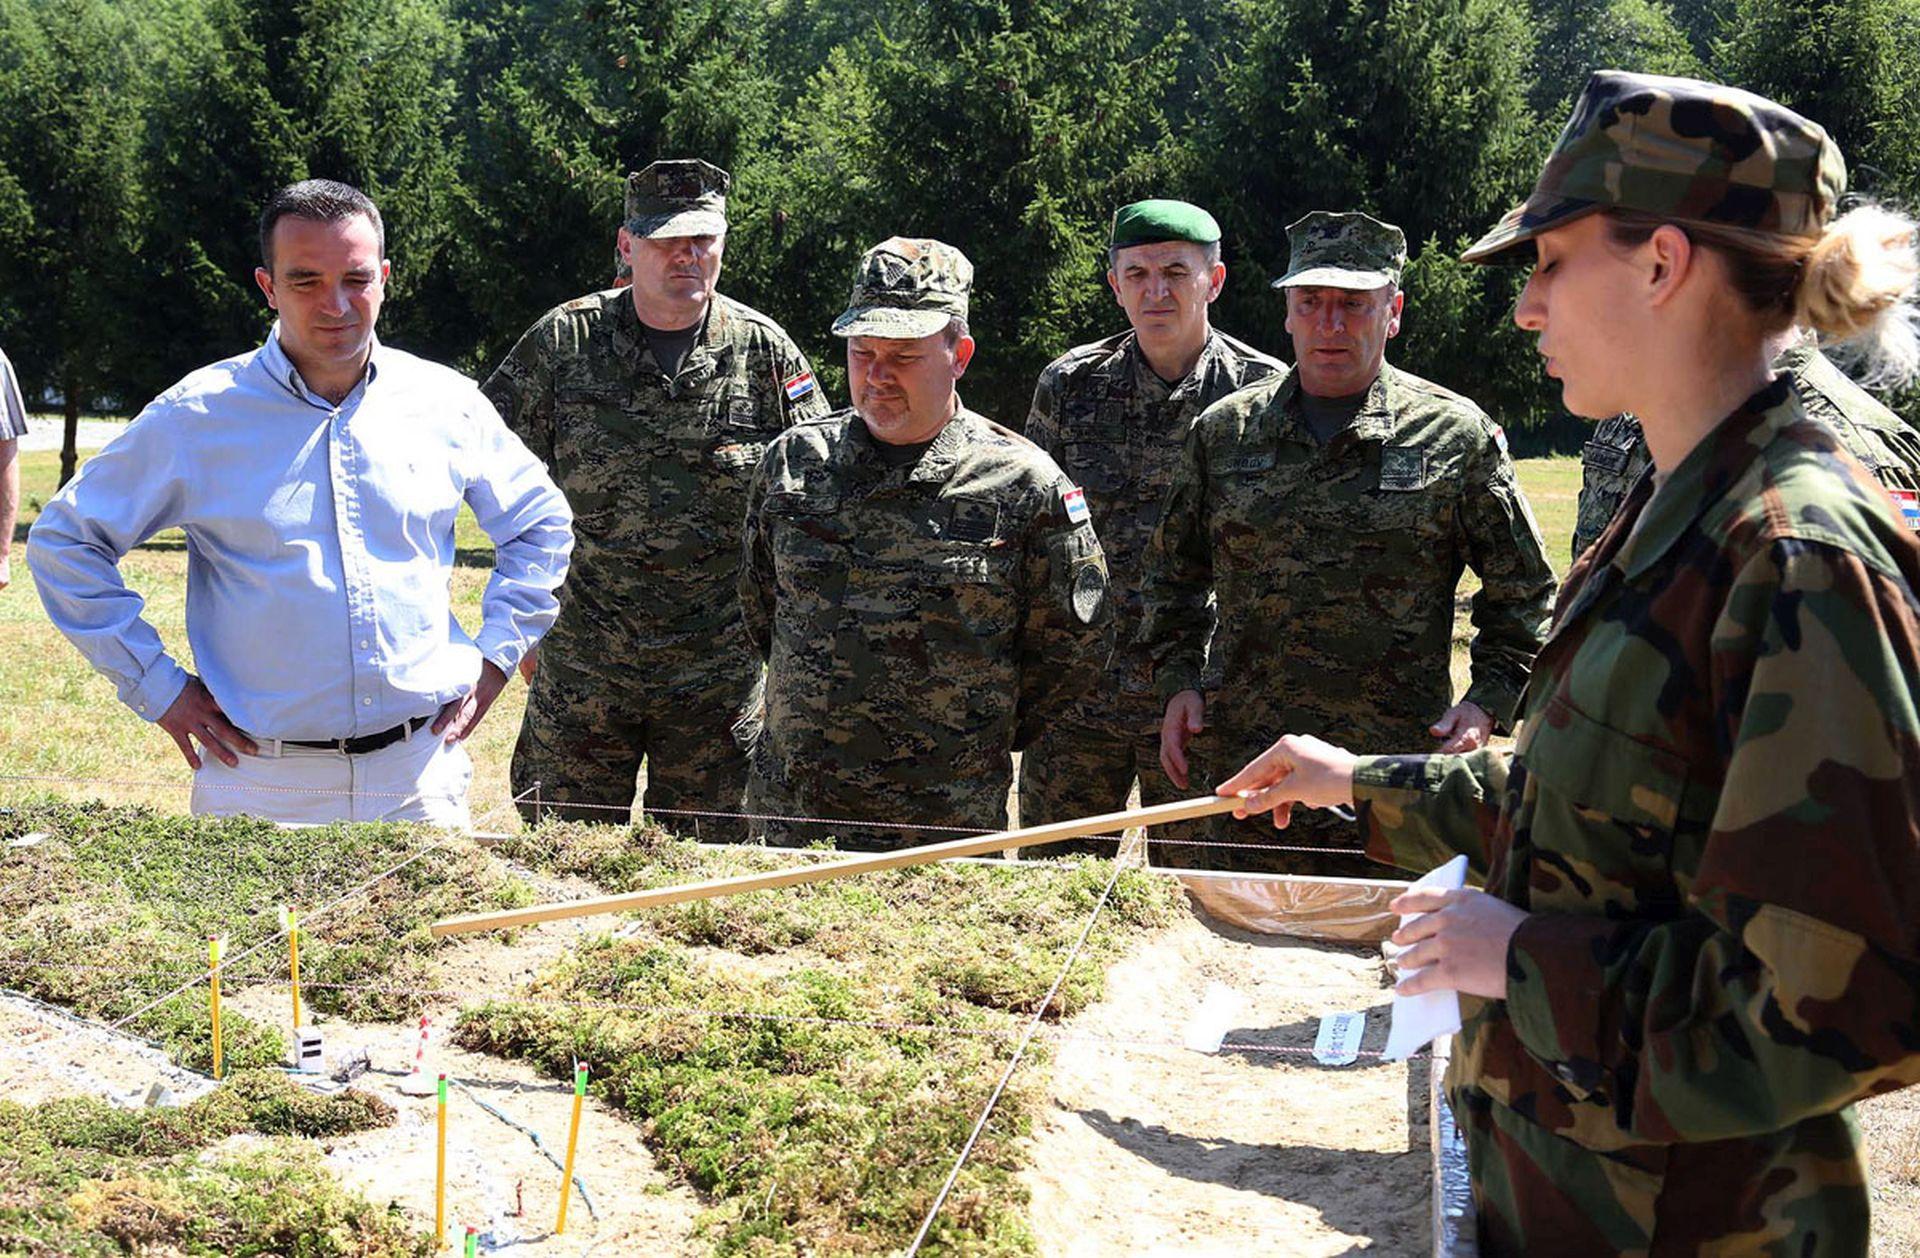 RADNI POSJET: Ministar Buljević s kadetima Oružanih snaga RH